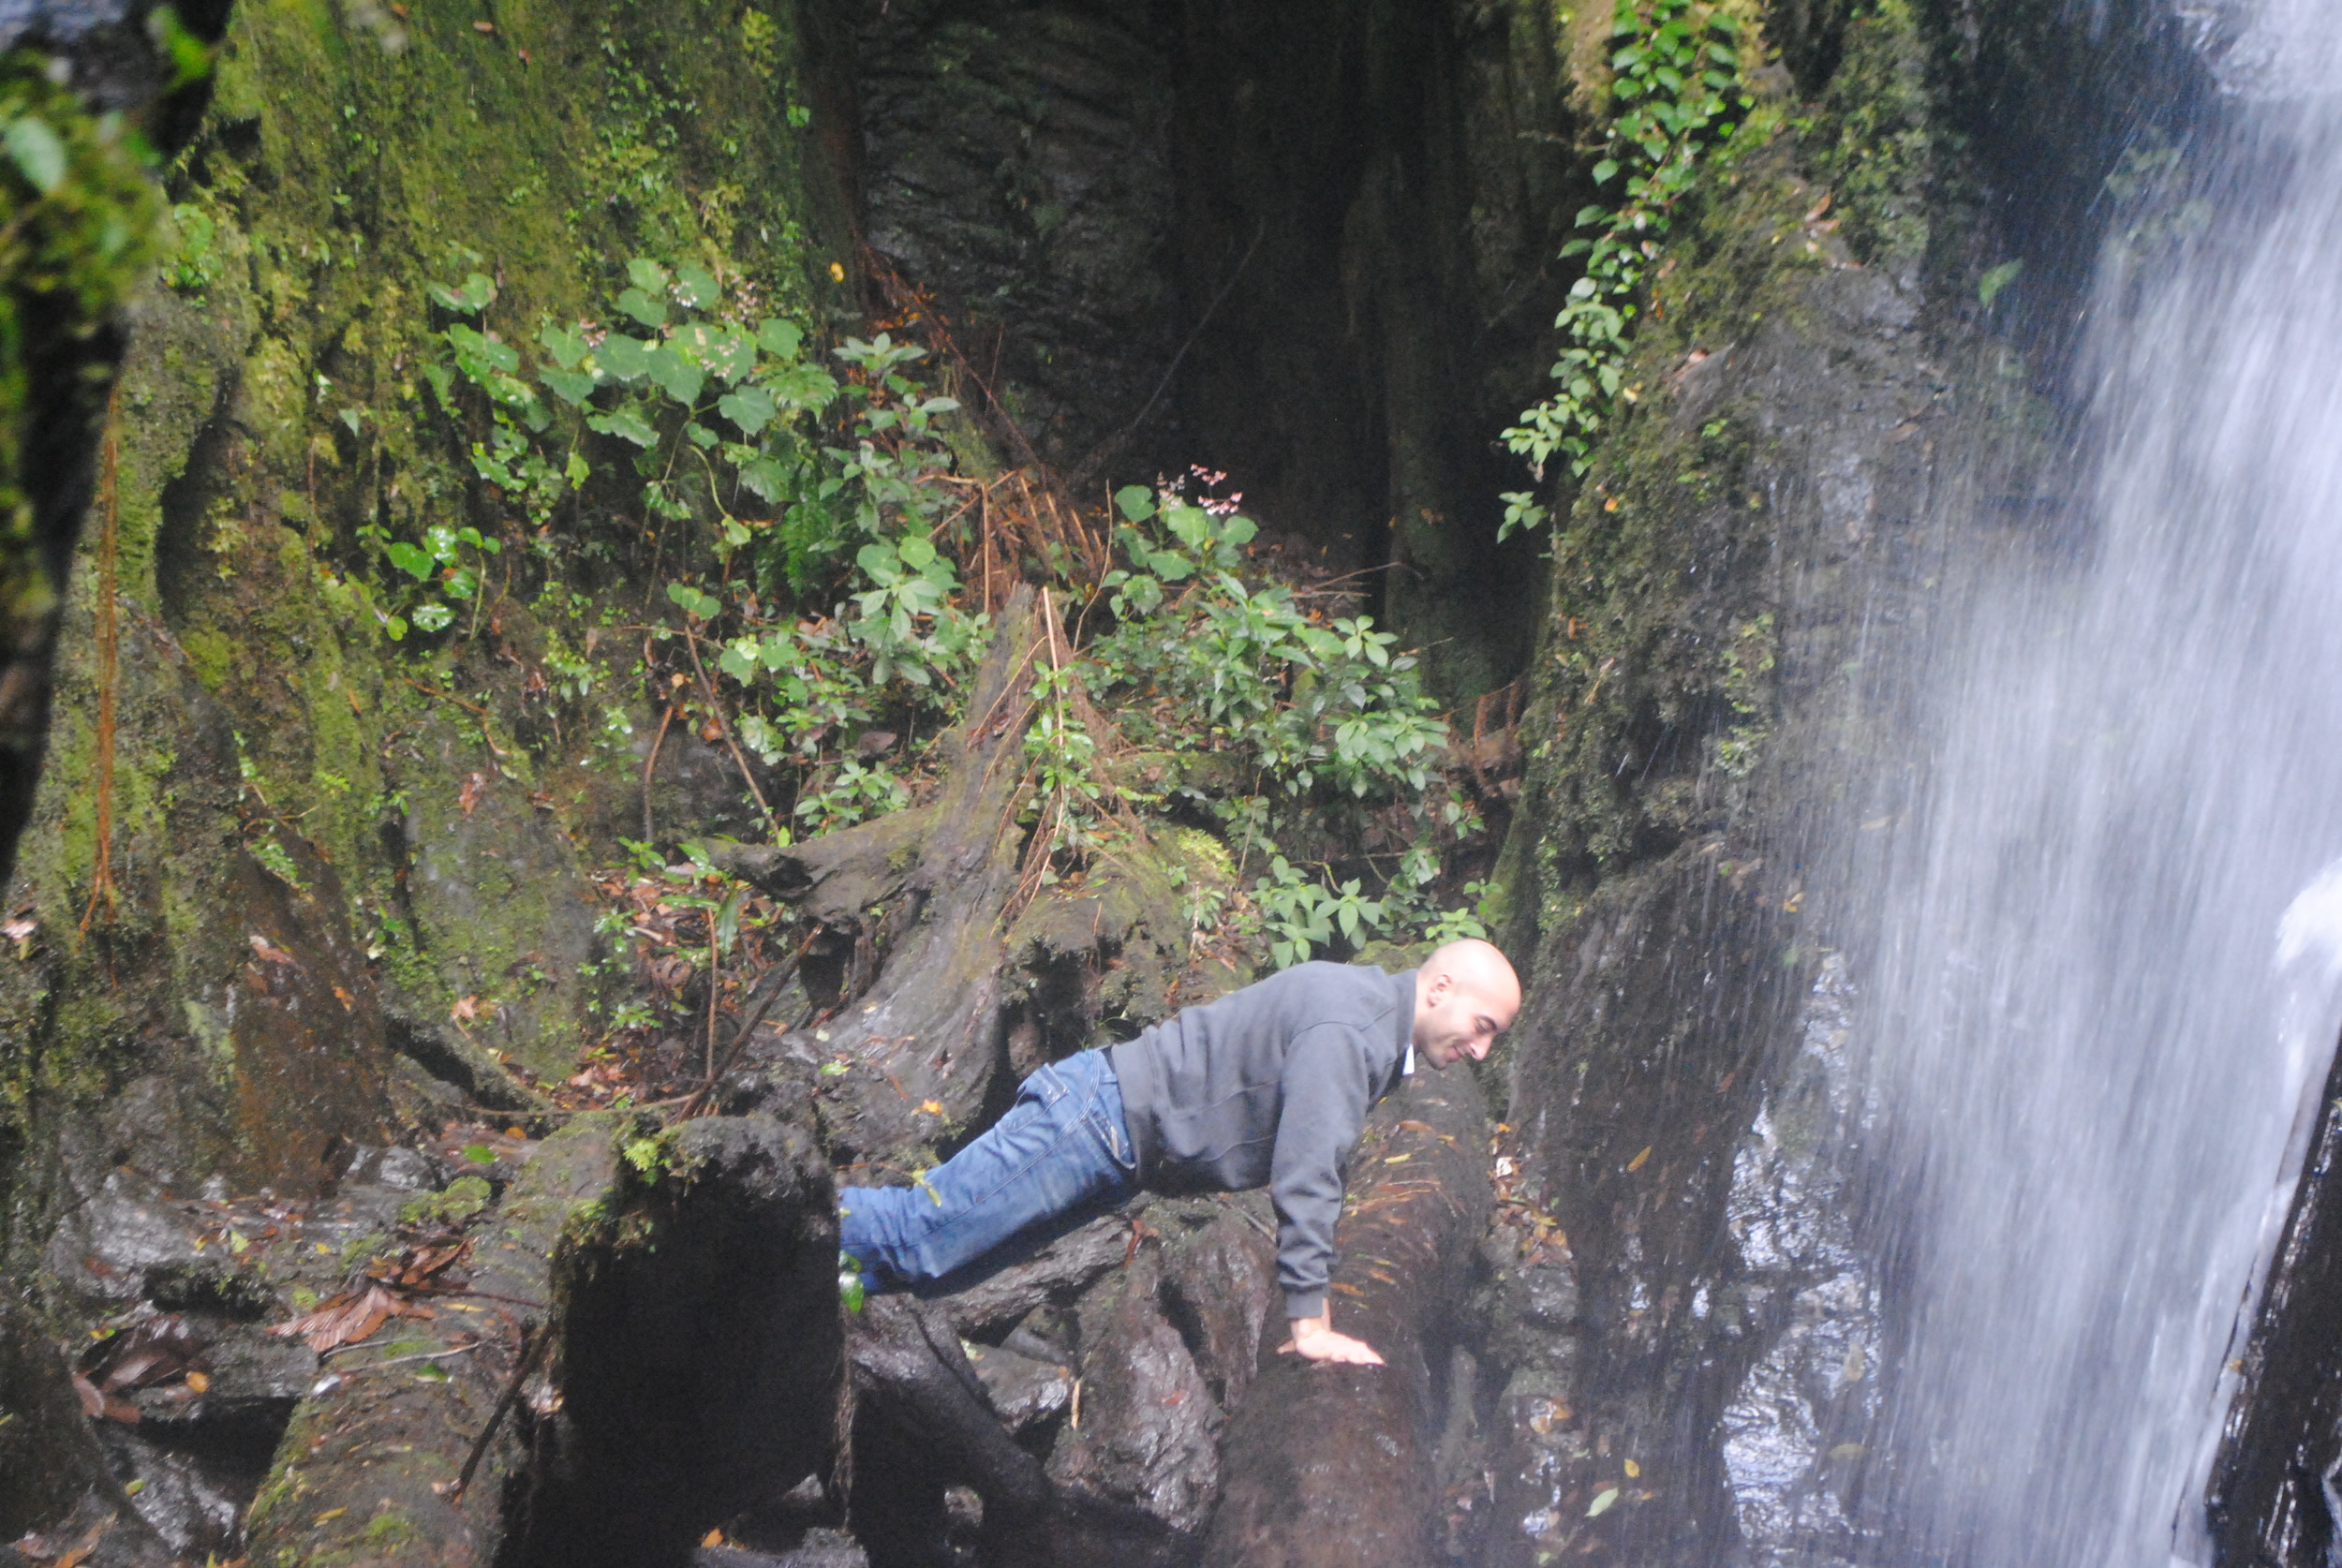 Ramzi at the Waterfall